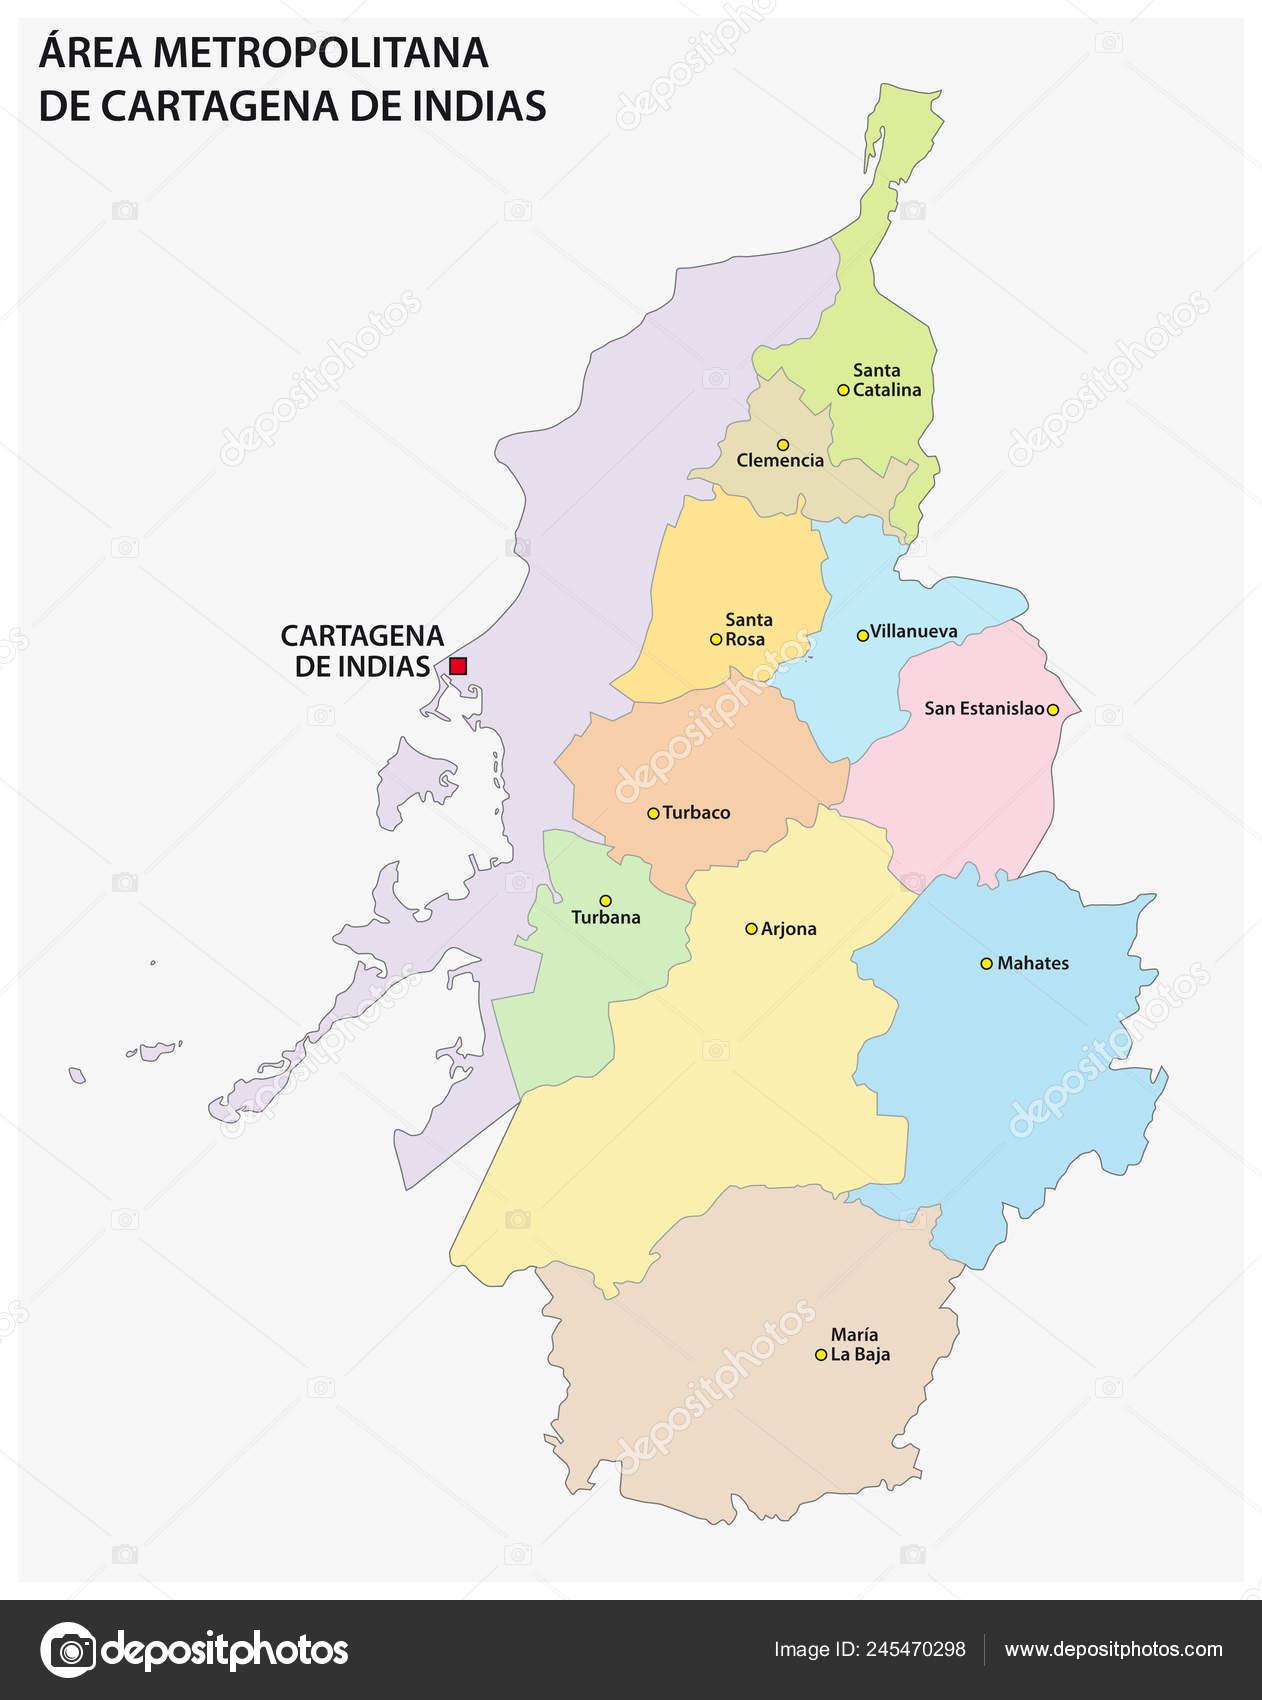 Administrative Political Vector Map Metropolitan Area Cartagena